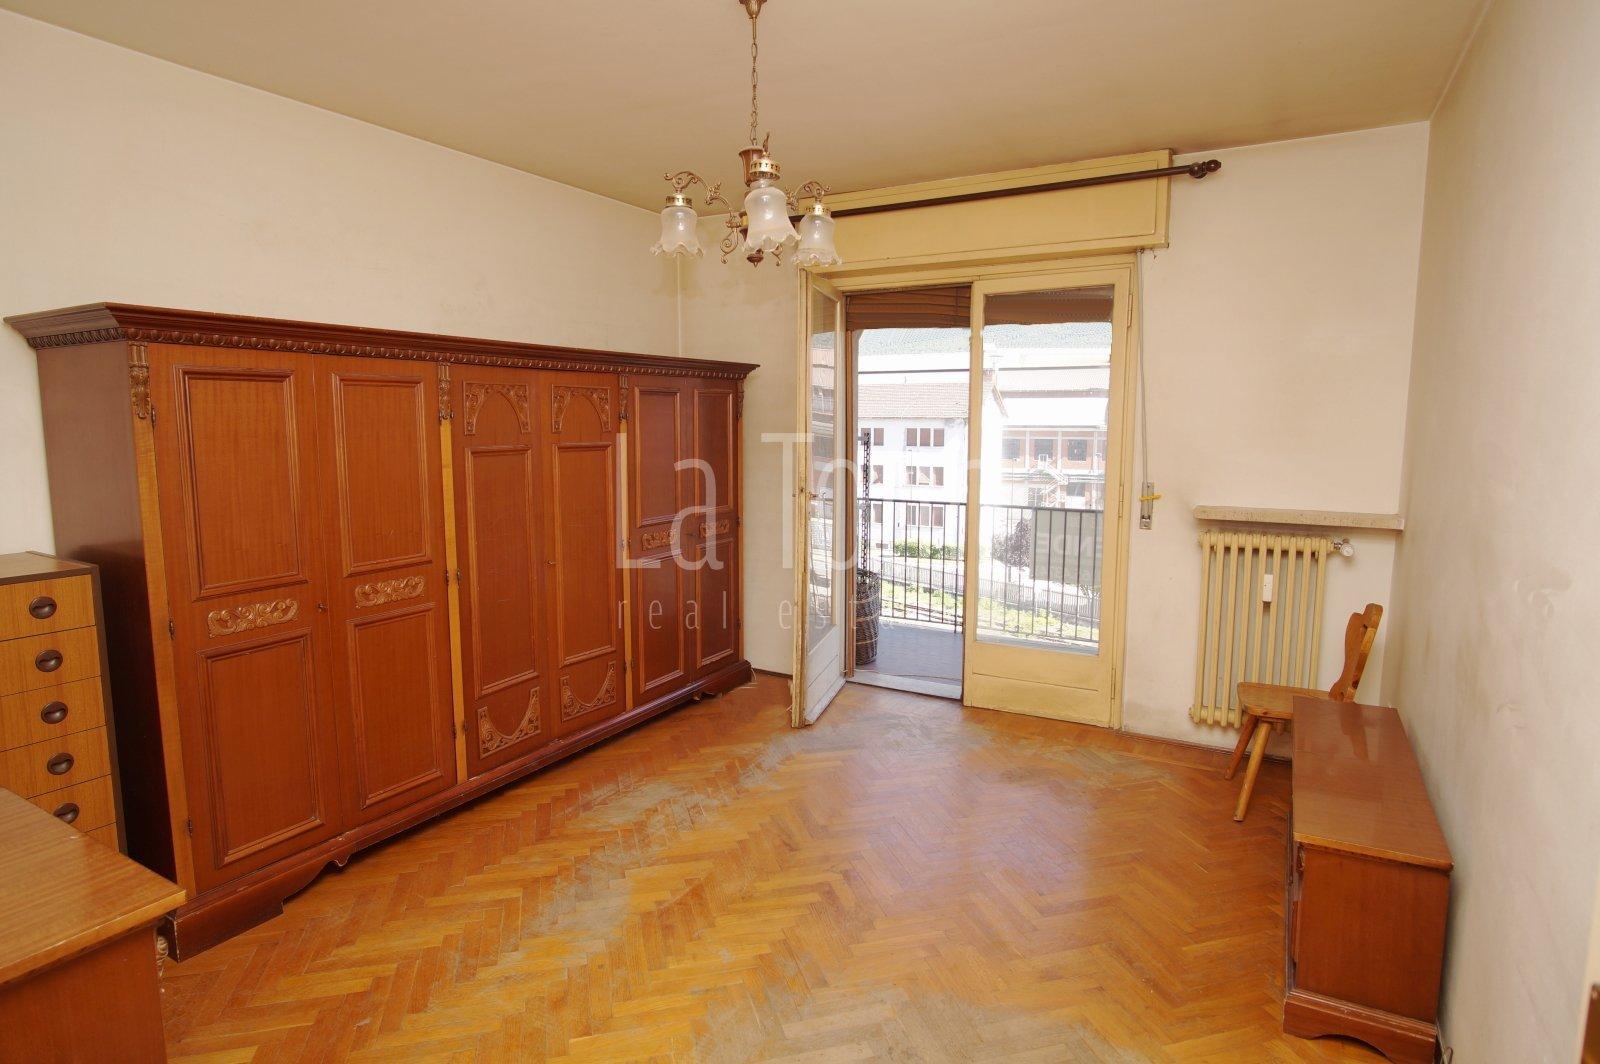 la camera principale